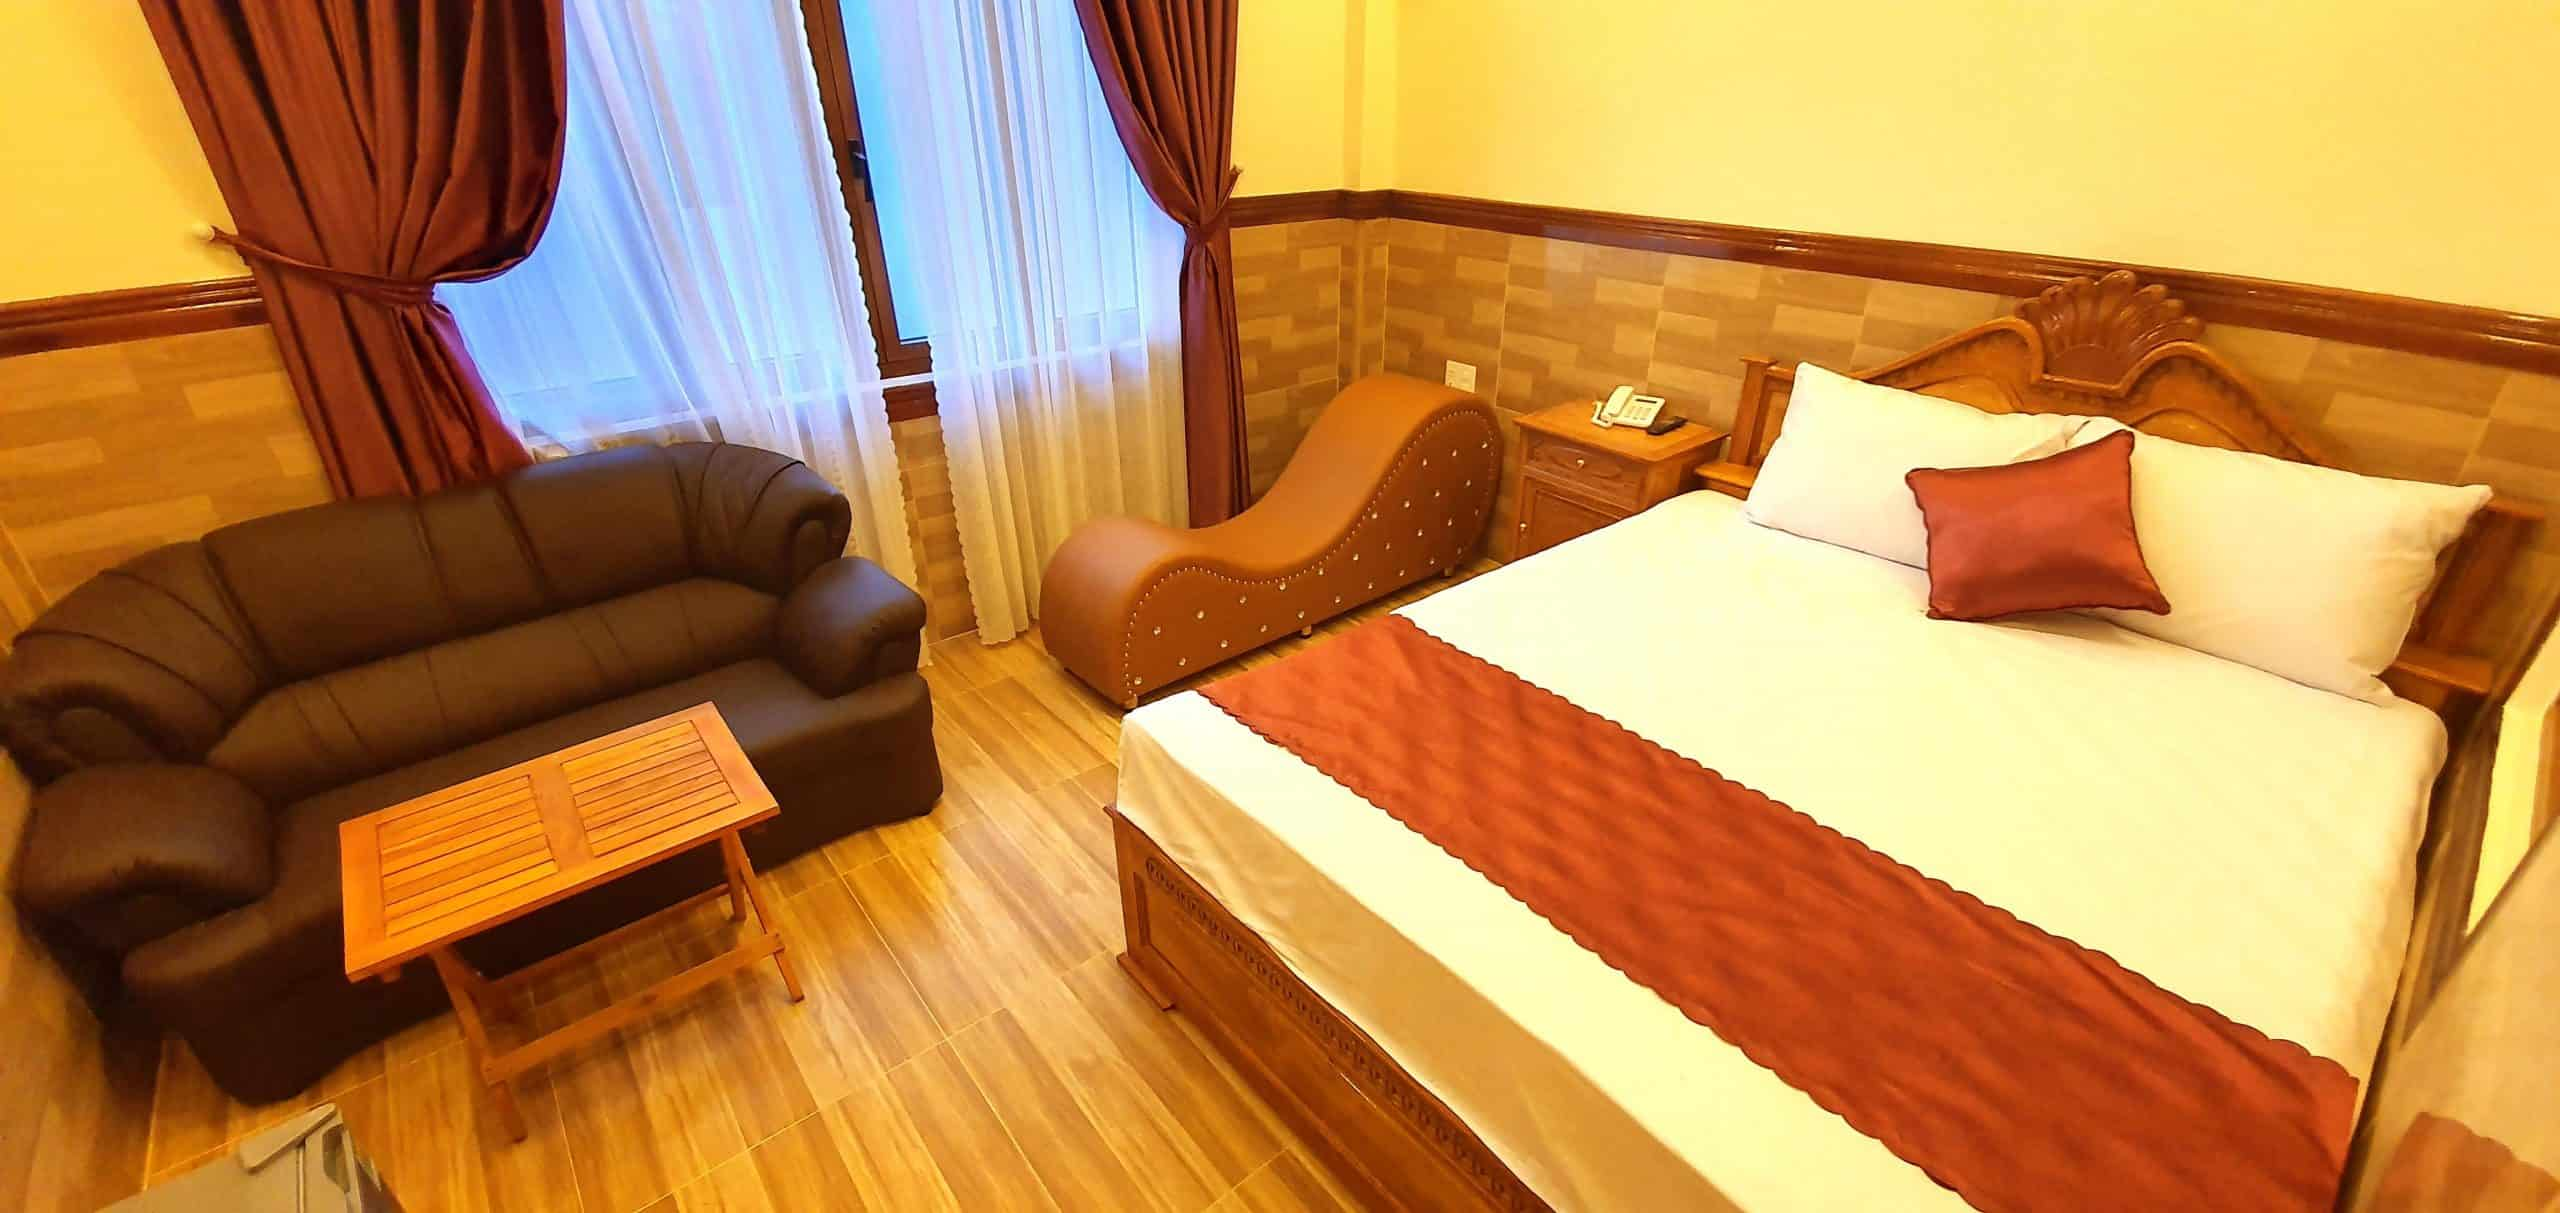 Tại Dinh Loan hotel, chắc chắn cặp đôi của bạn sẽ có một đêm ấm áp mặn nồng nơi đây